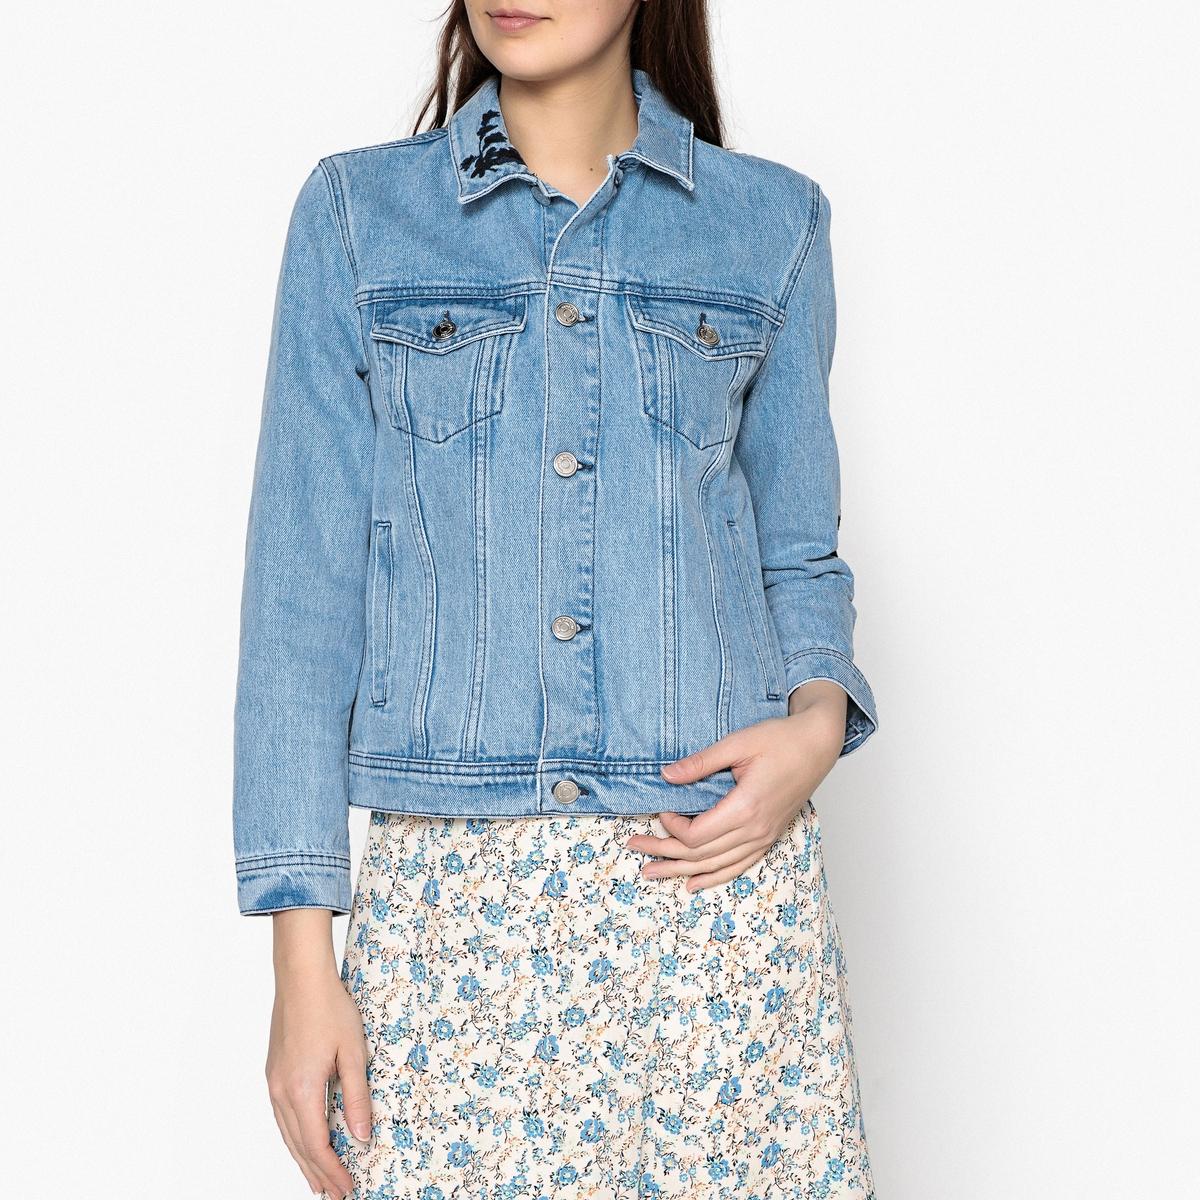 Жакет приталенный джинсовый с вышивкой JAYDA etro жакет с вышивкой